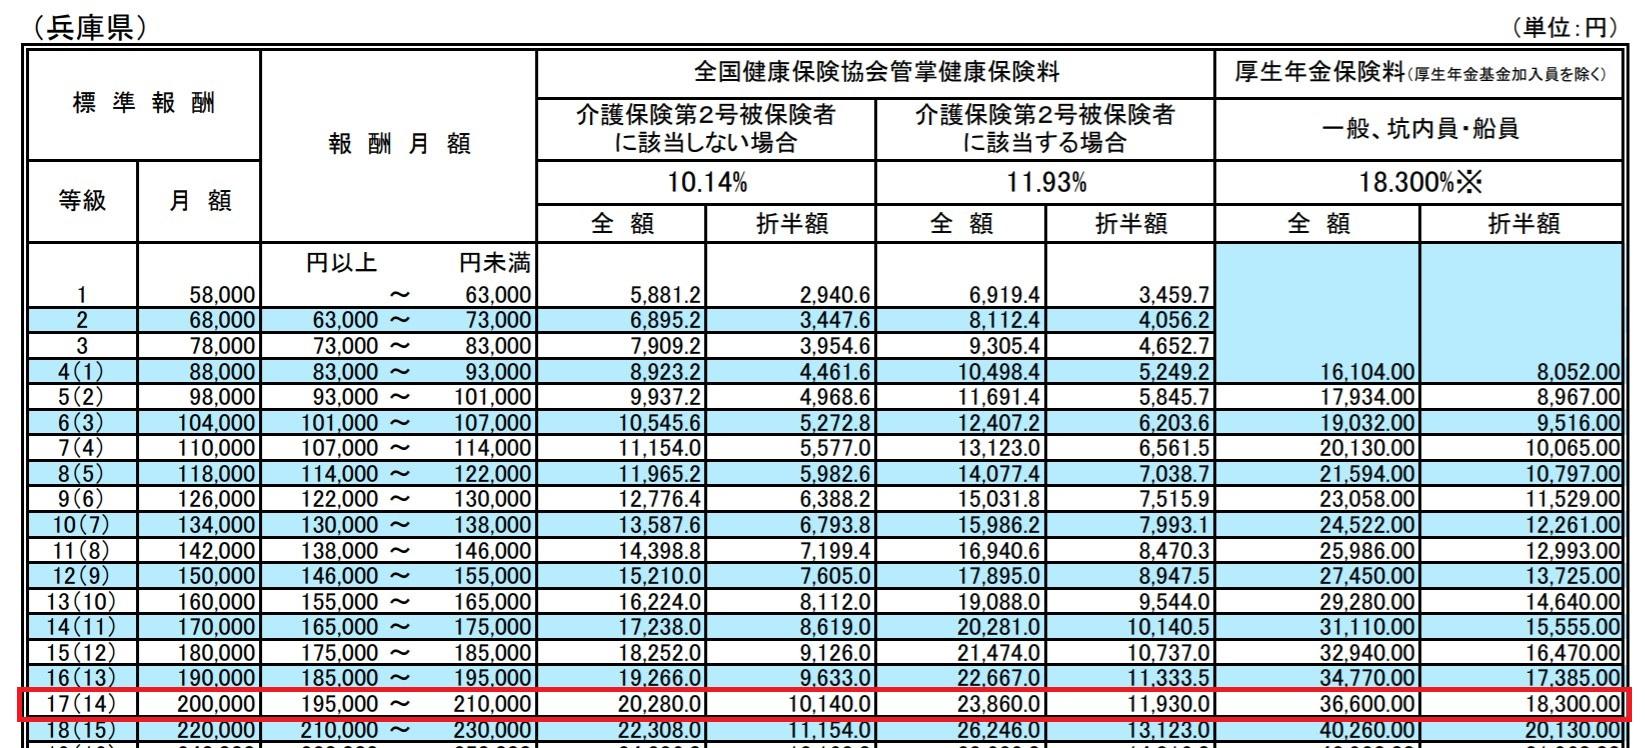 標準報酬月額表(兵庫)